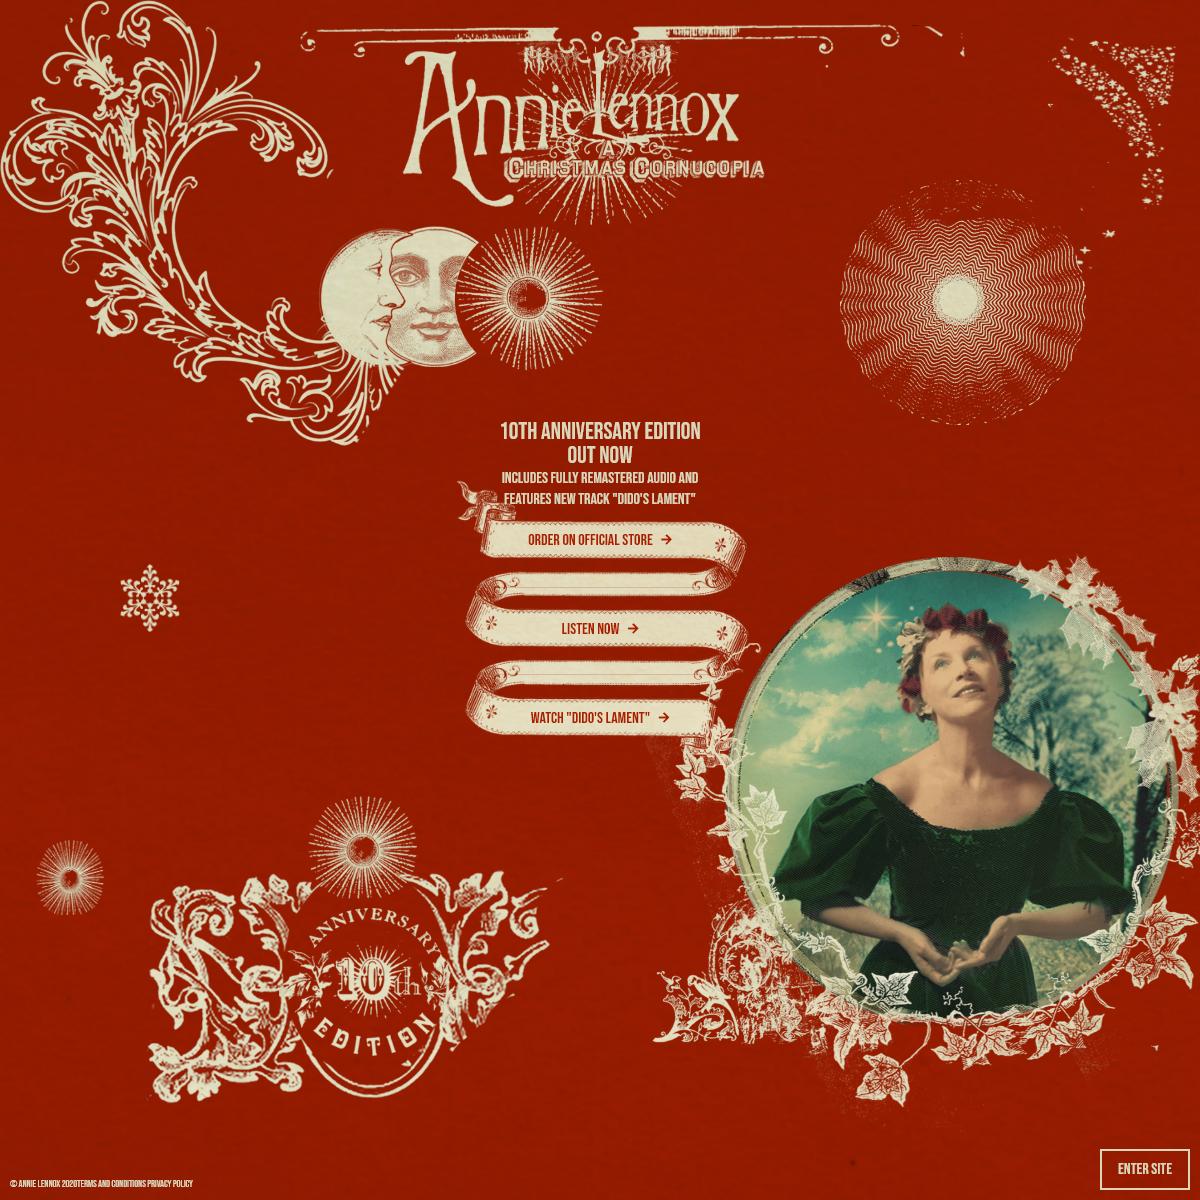 Annie Lennox - A Christmas Cornucopia- 10th Anniversary Edition